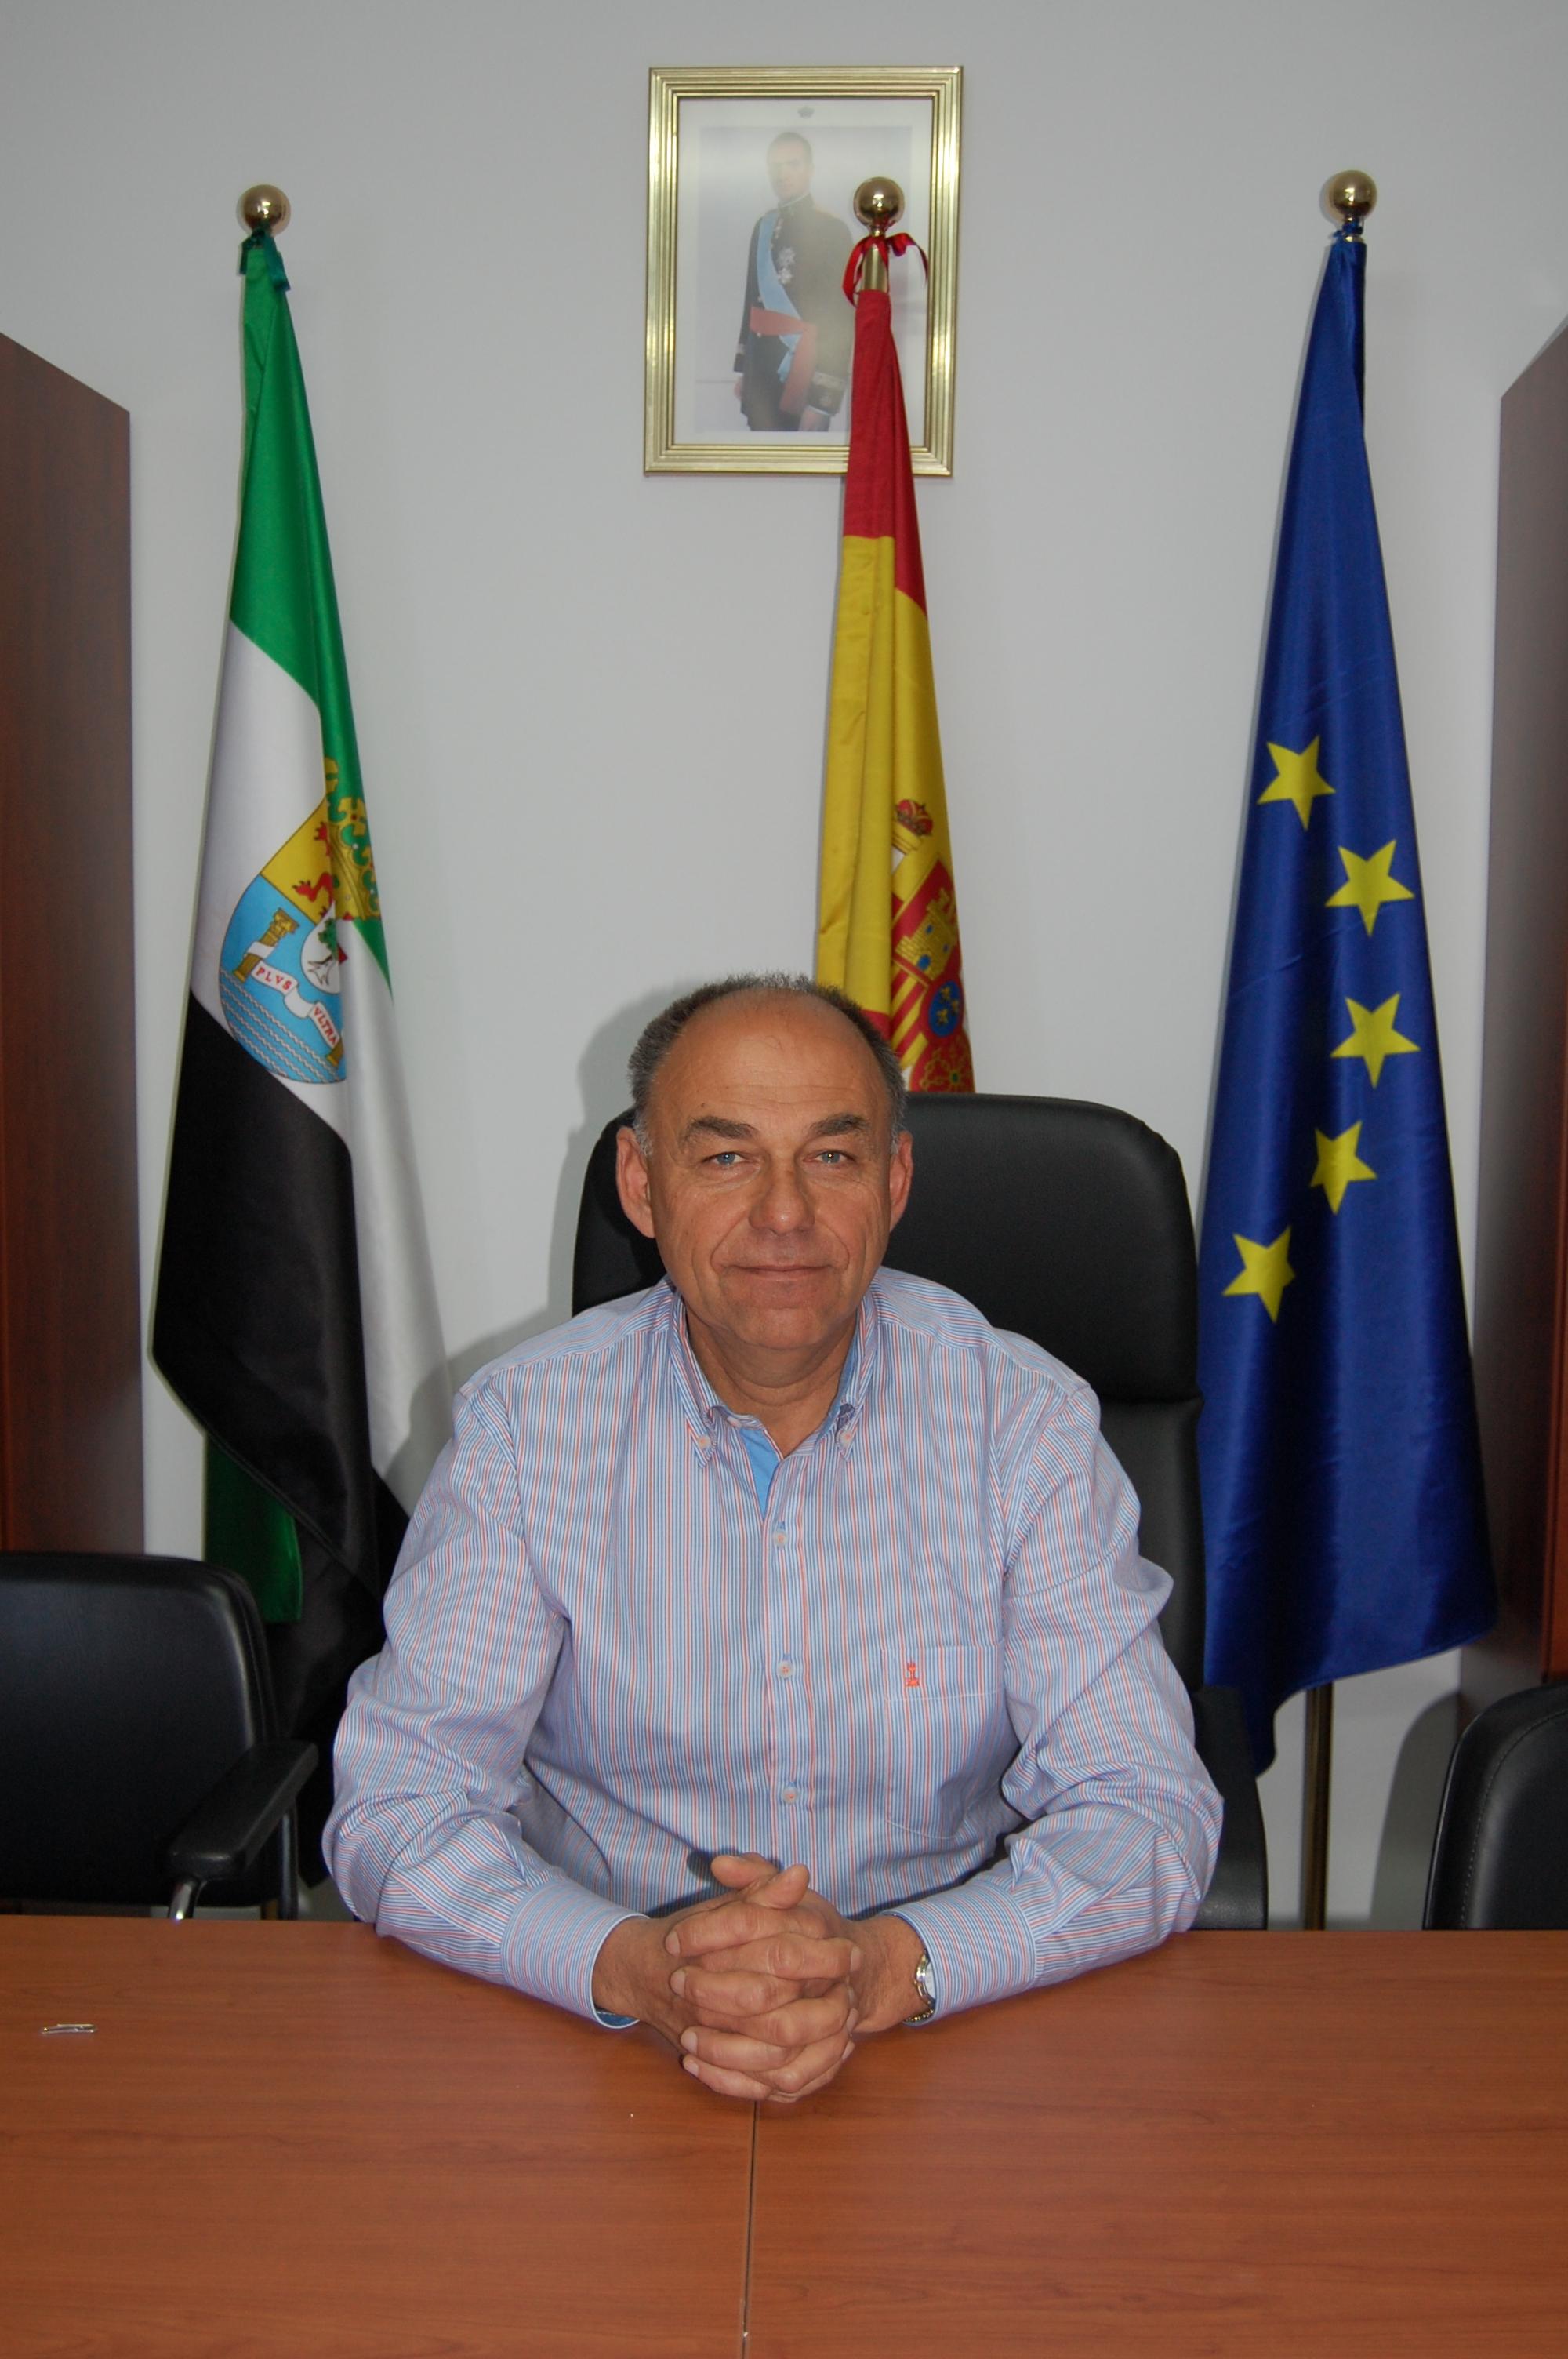 El alcalde de Millanes denuncia a dos vecinos por insultos, amenazas e intento de agresión